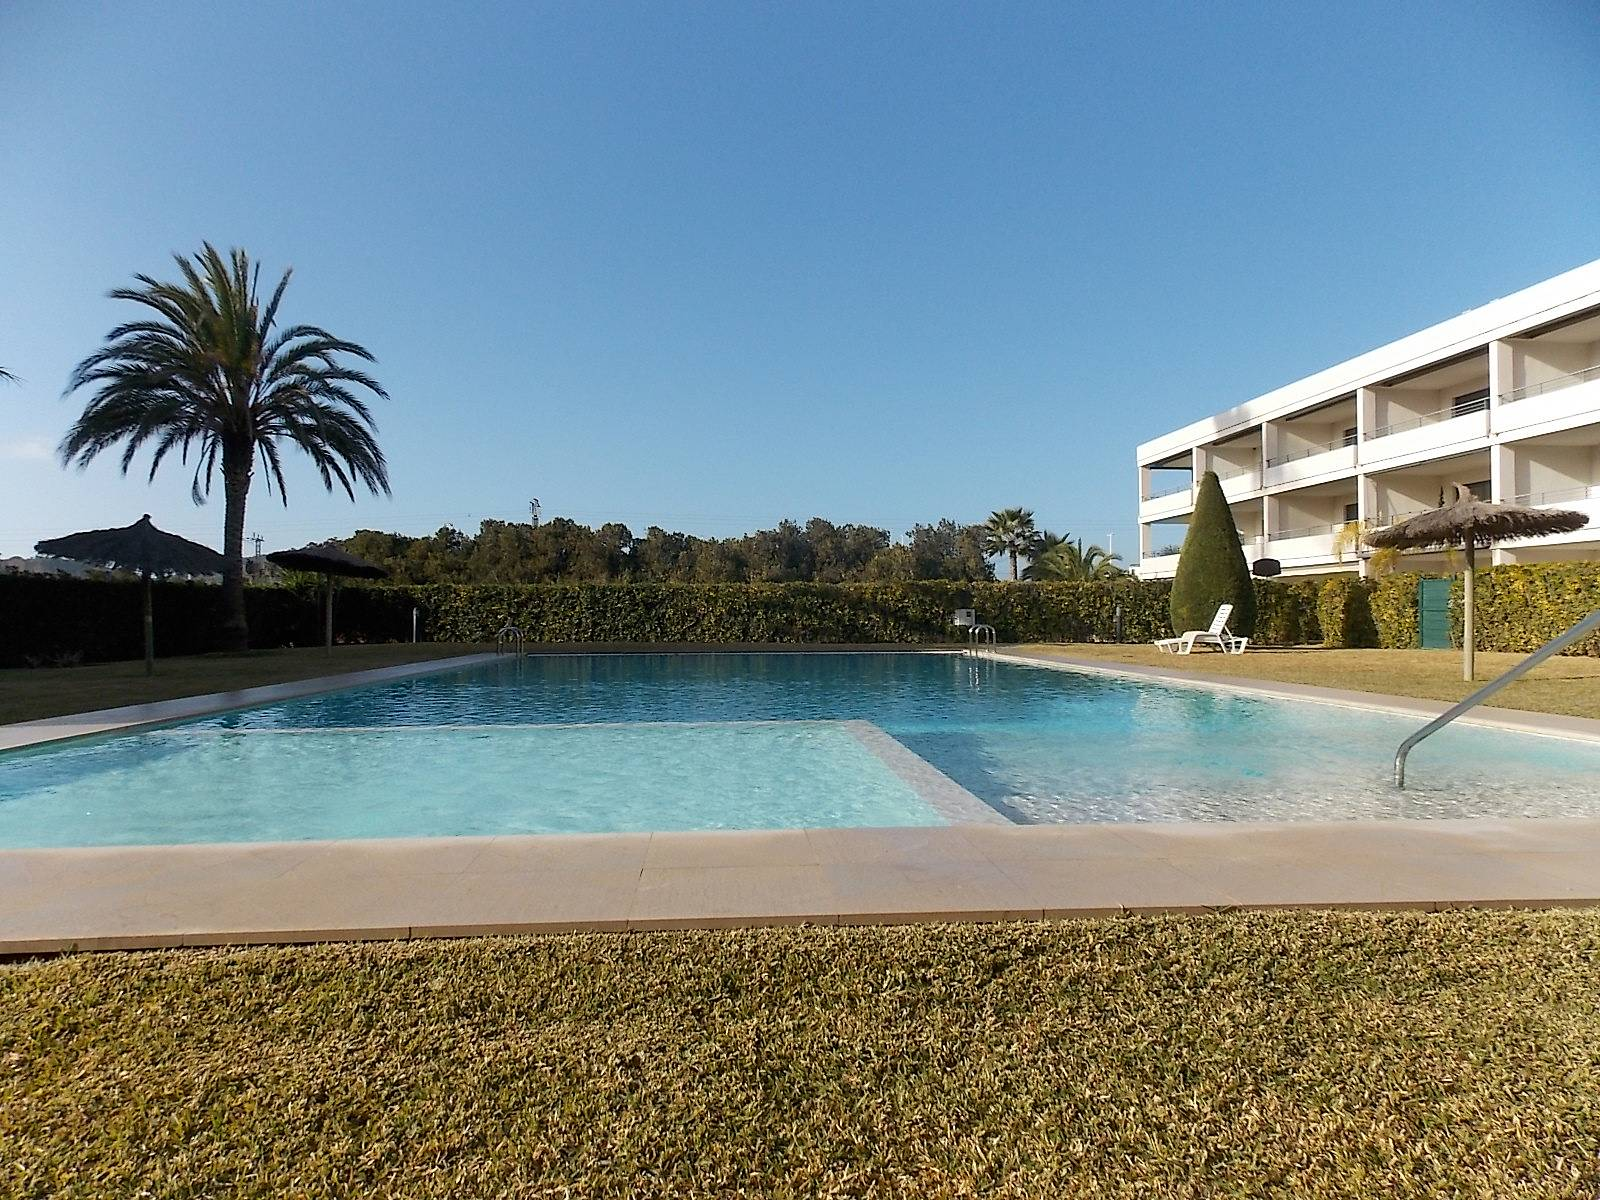 Apartamento en alquiler a 500 m de la playa arenal j vea x bia alicante costa blanca - Apartamentos alicante alquiler ...